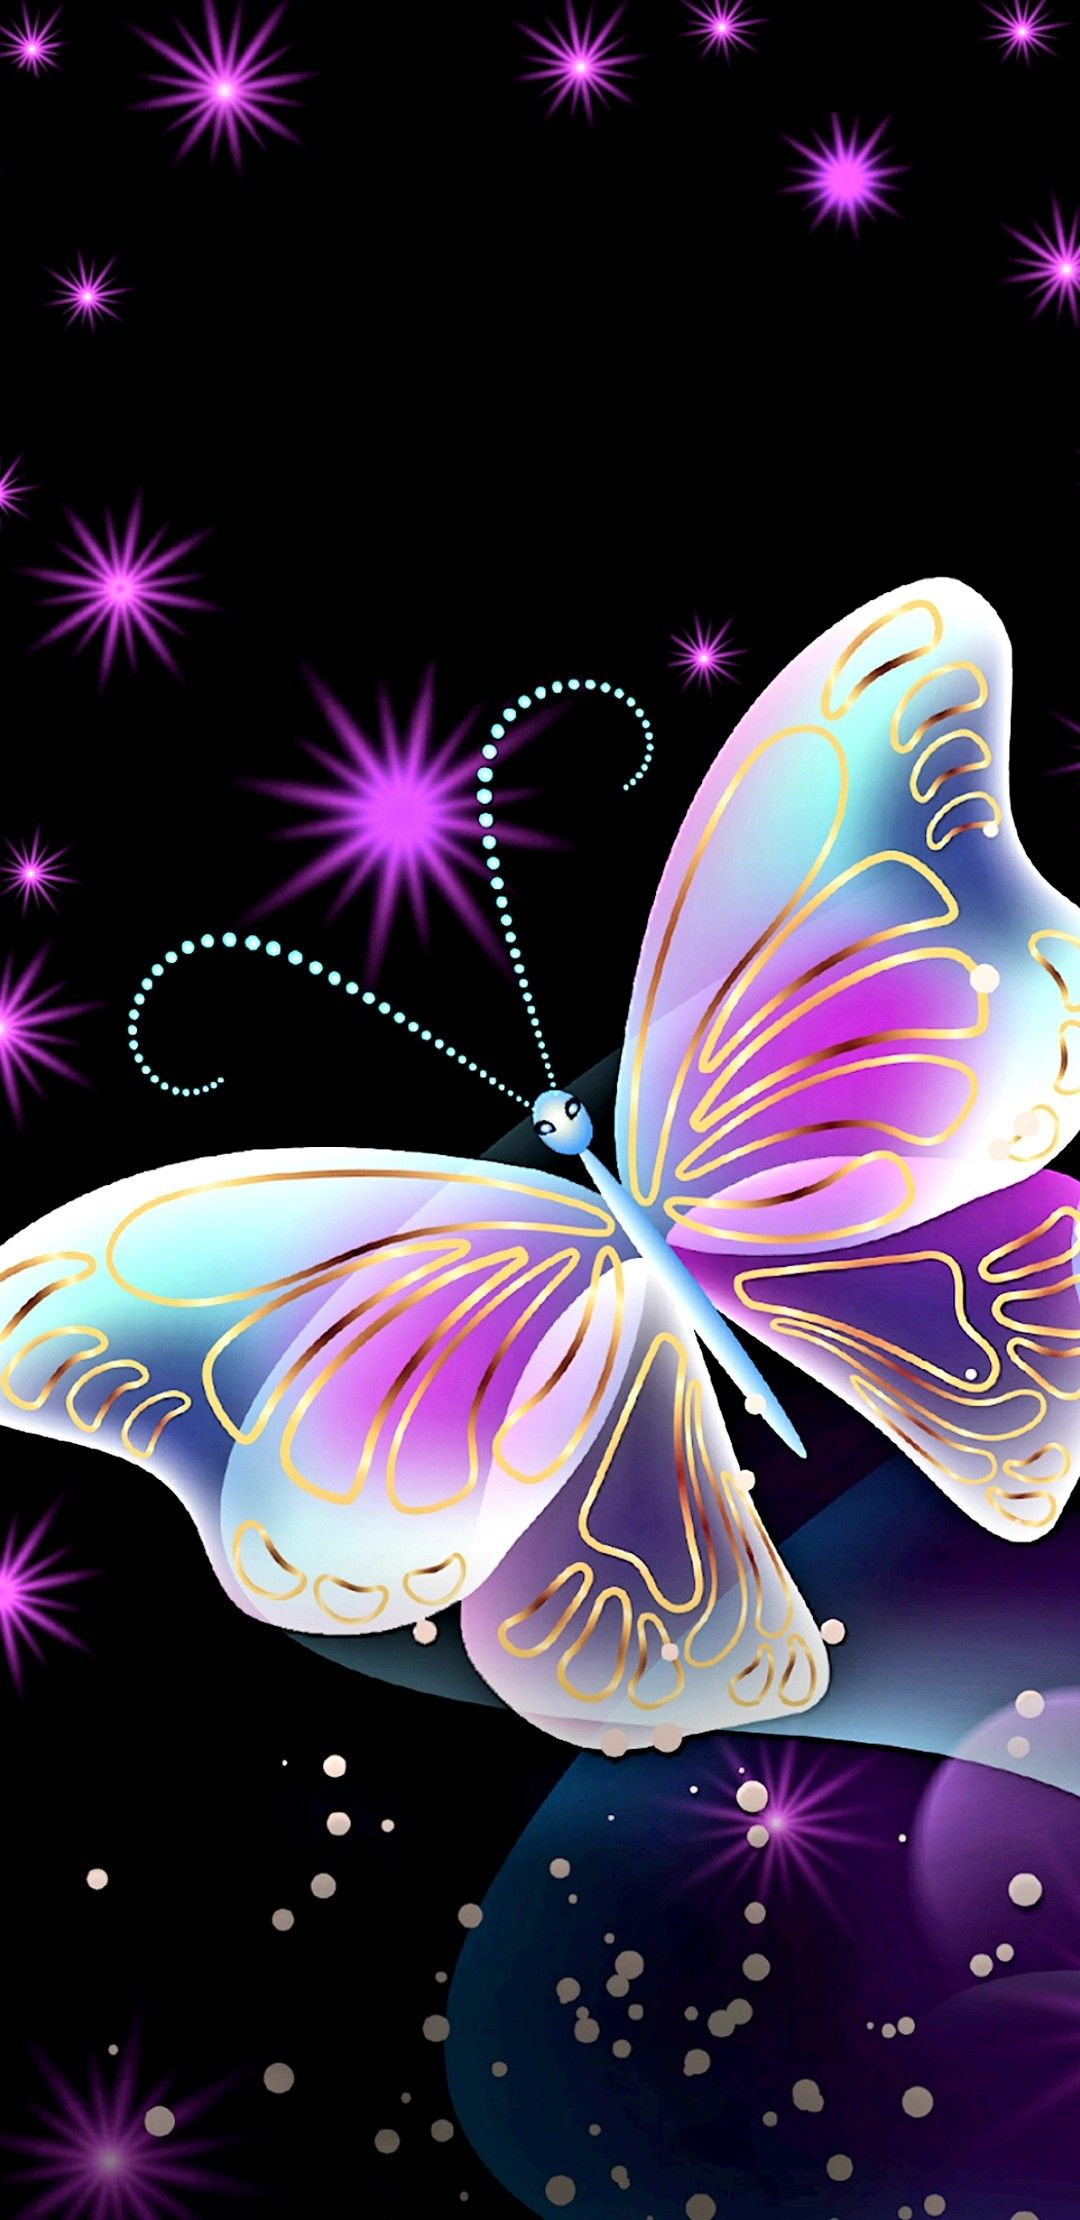 Beautiful Butterfly..🦋 Butterfly background, Butterfly